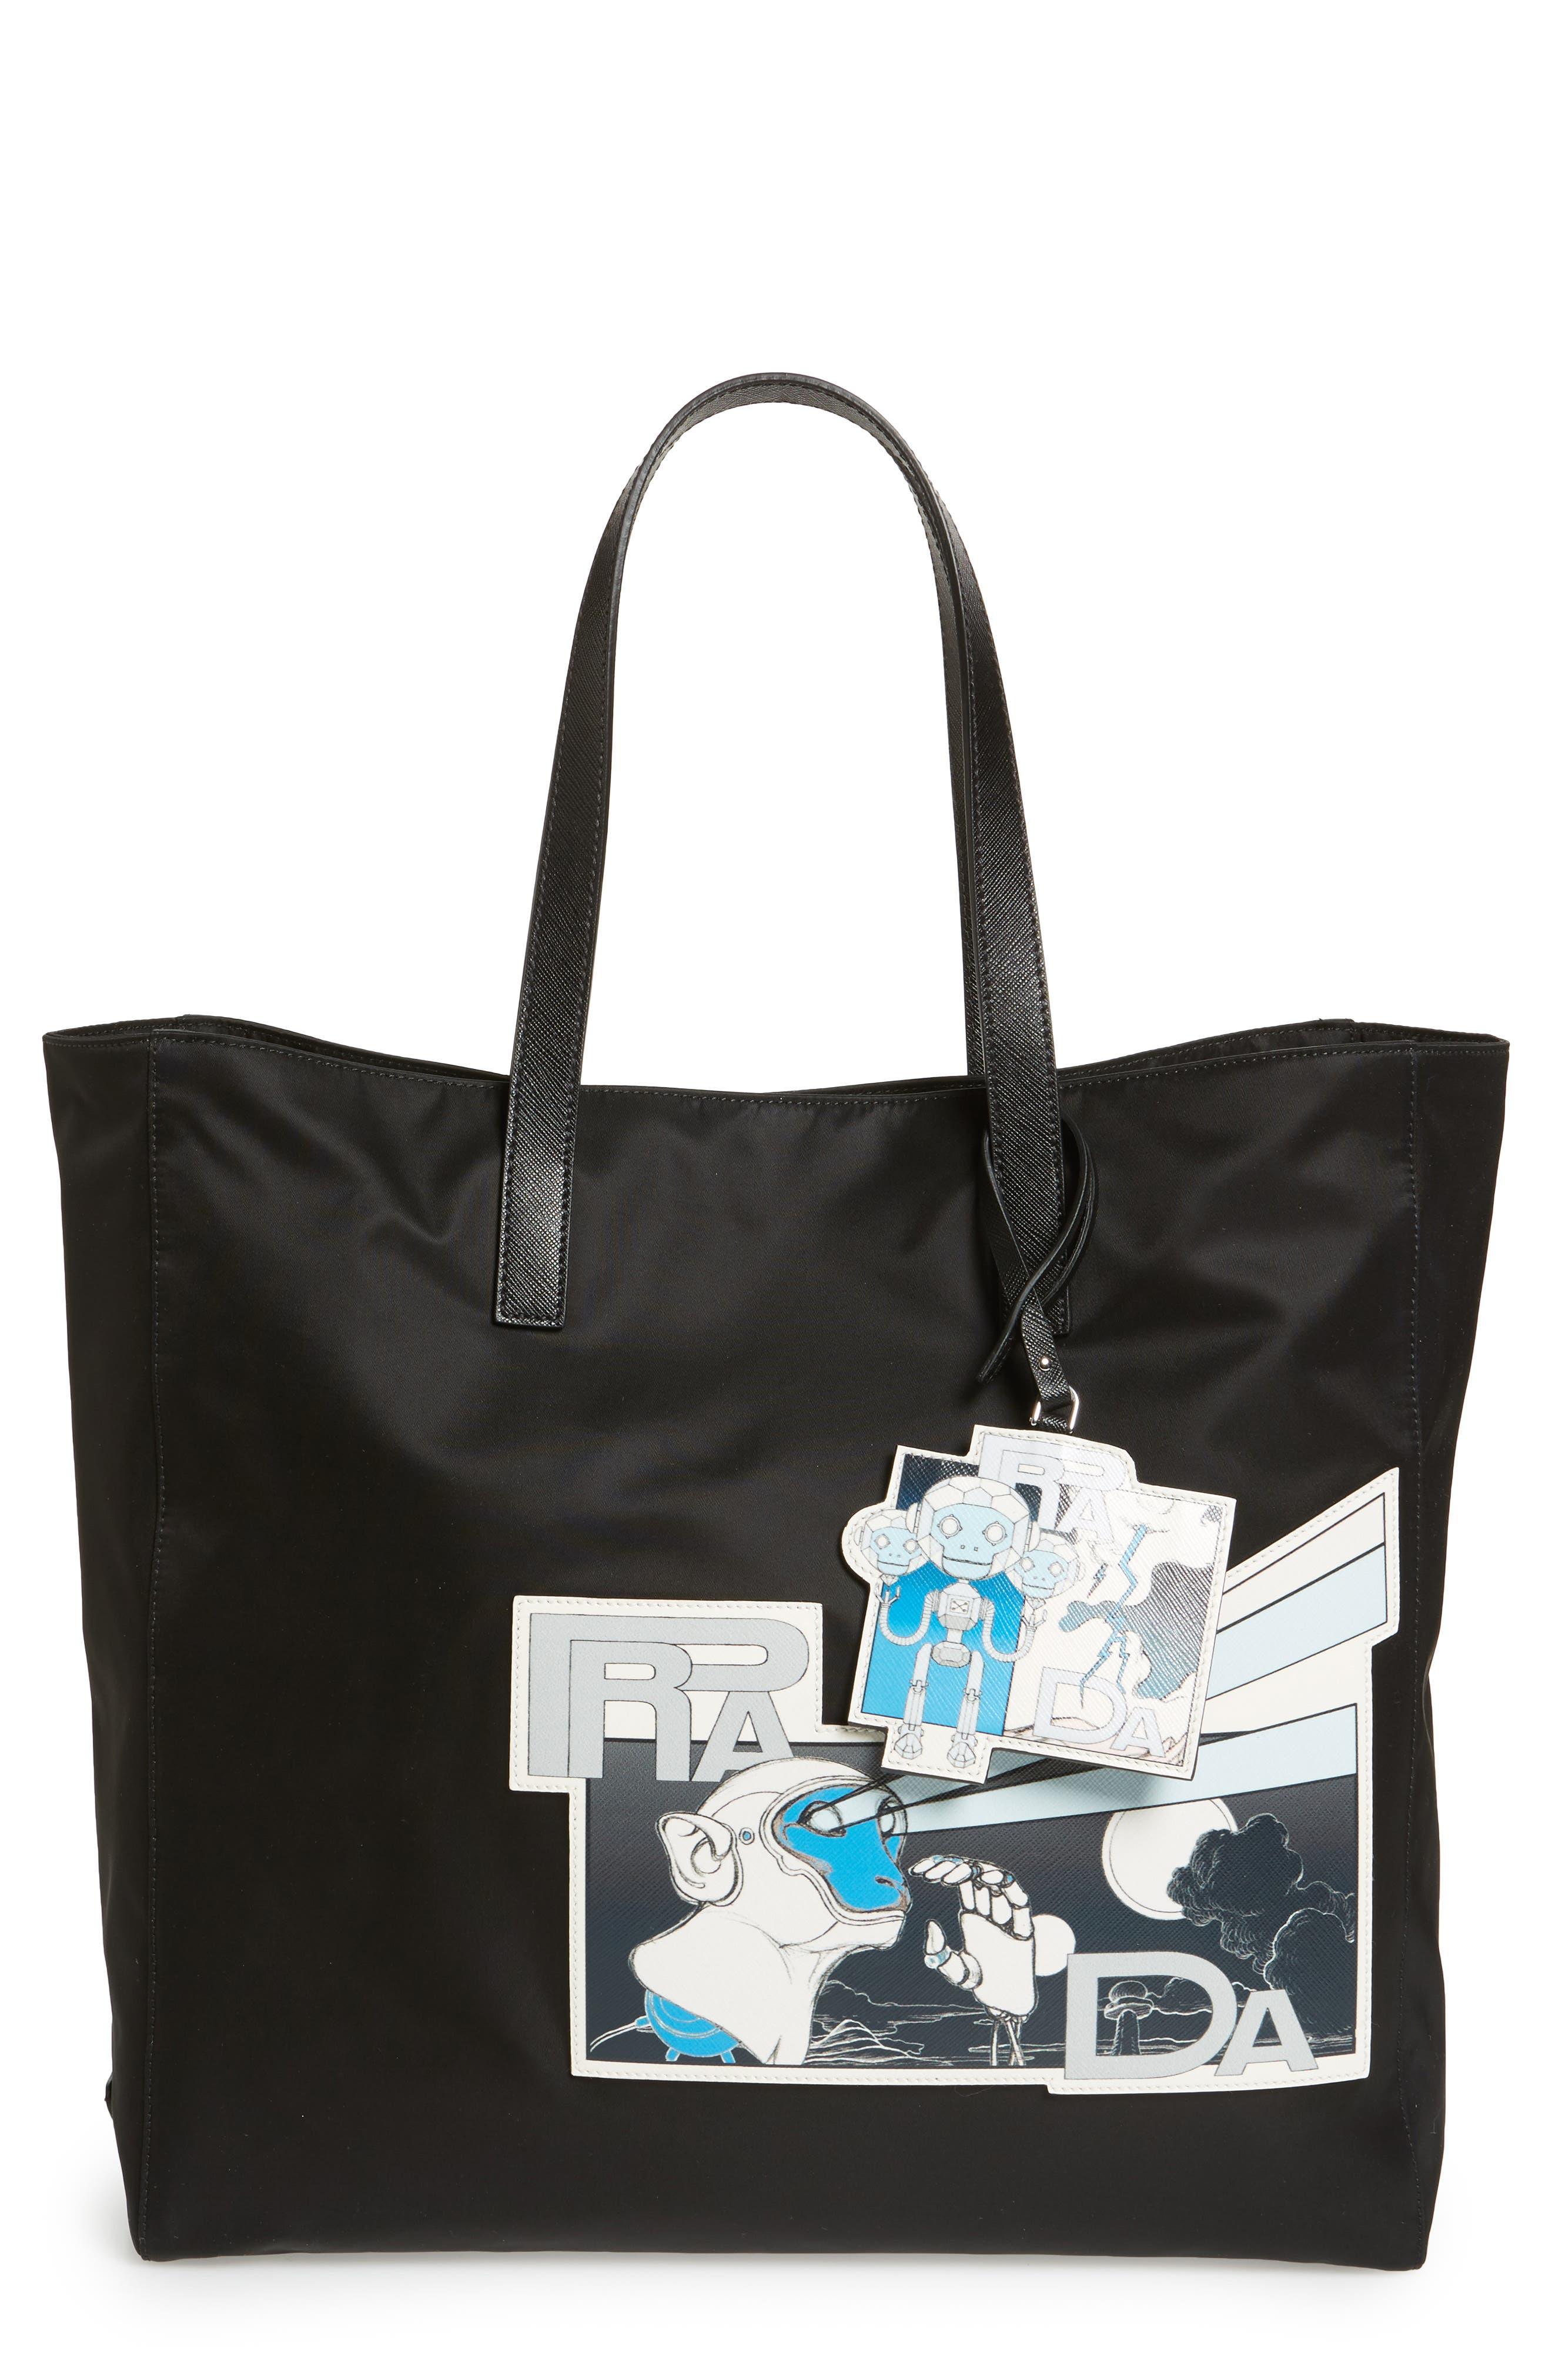 Alternate Image 1 Selected - Prada Comic Tote Bag